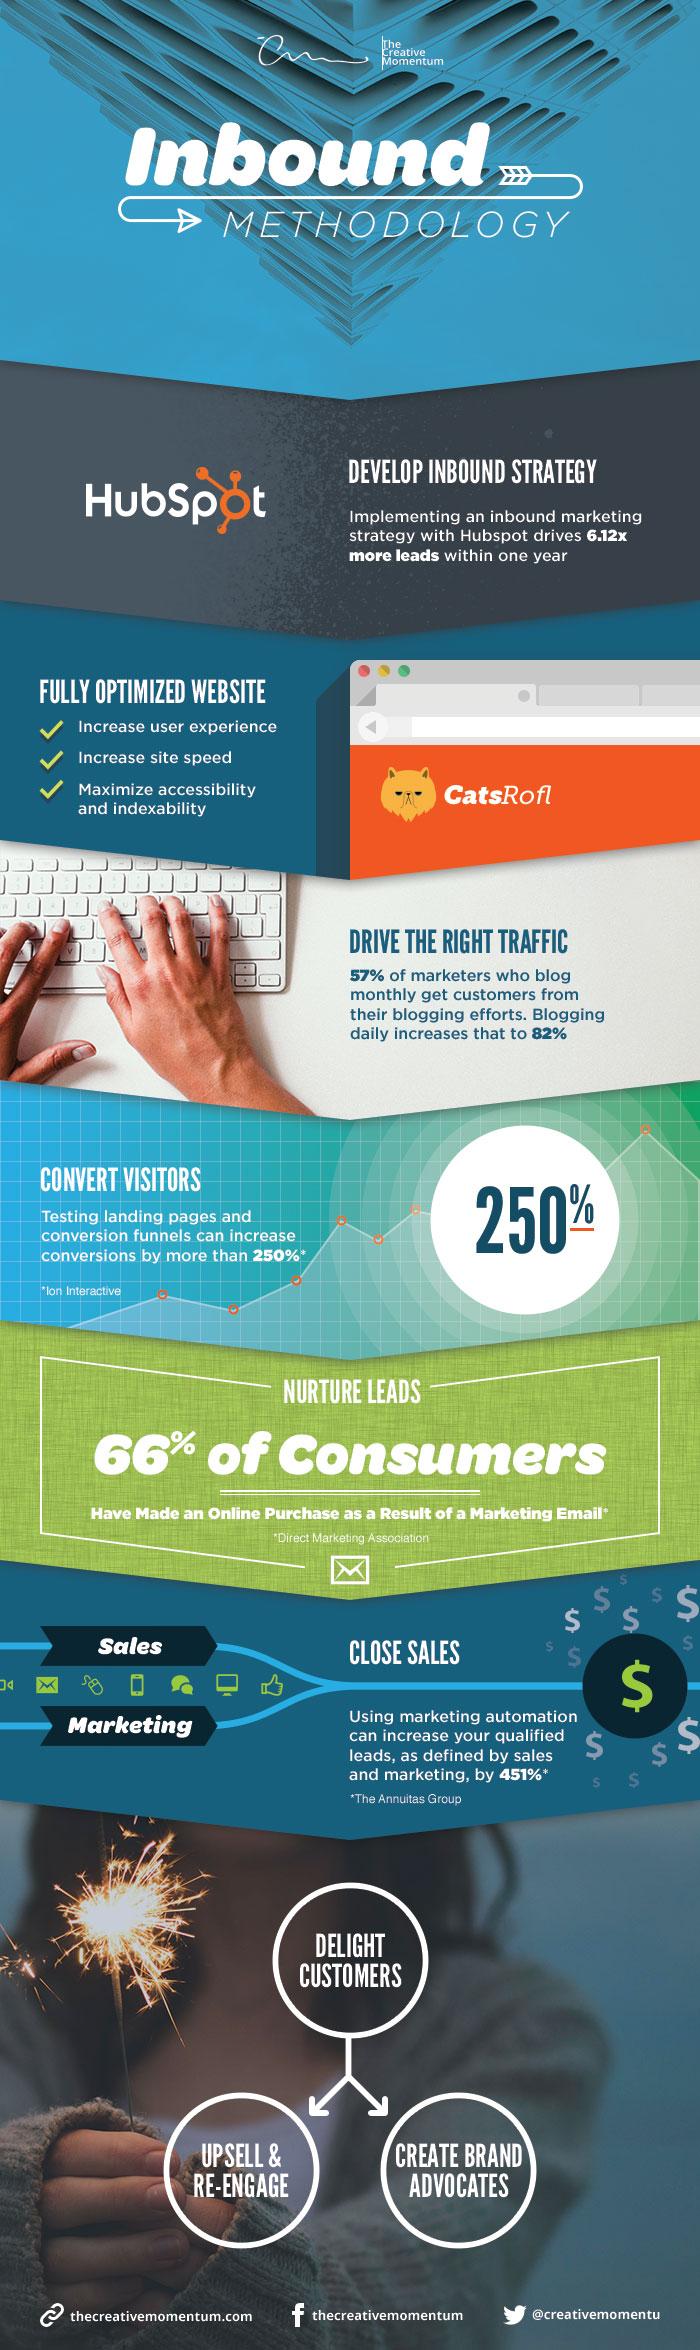 what-is-inbound-marketing-methodology-infographic.jpg